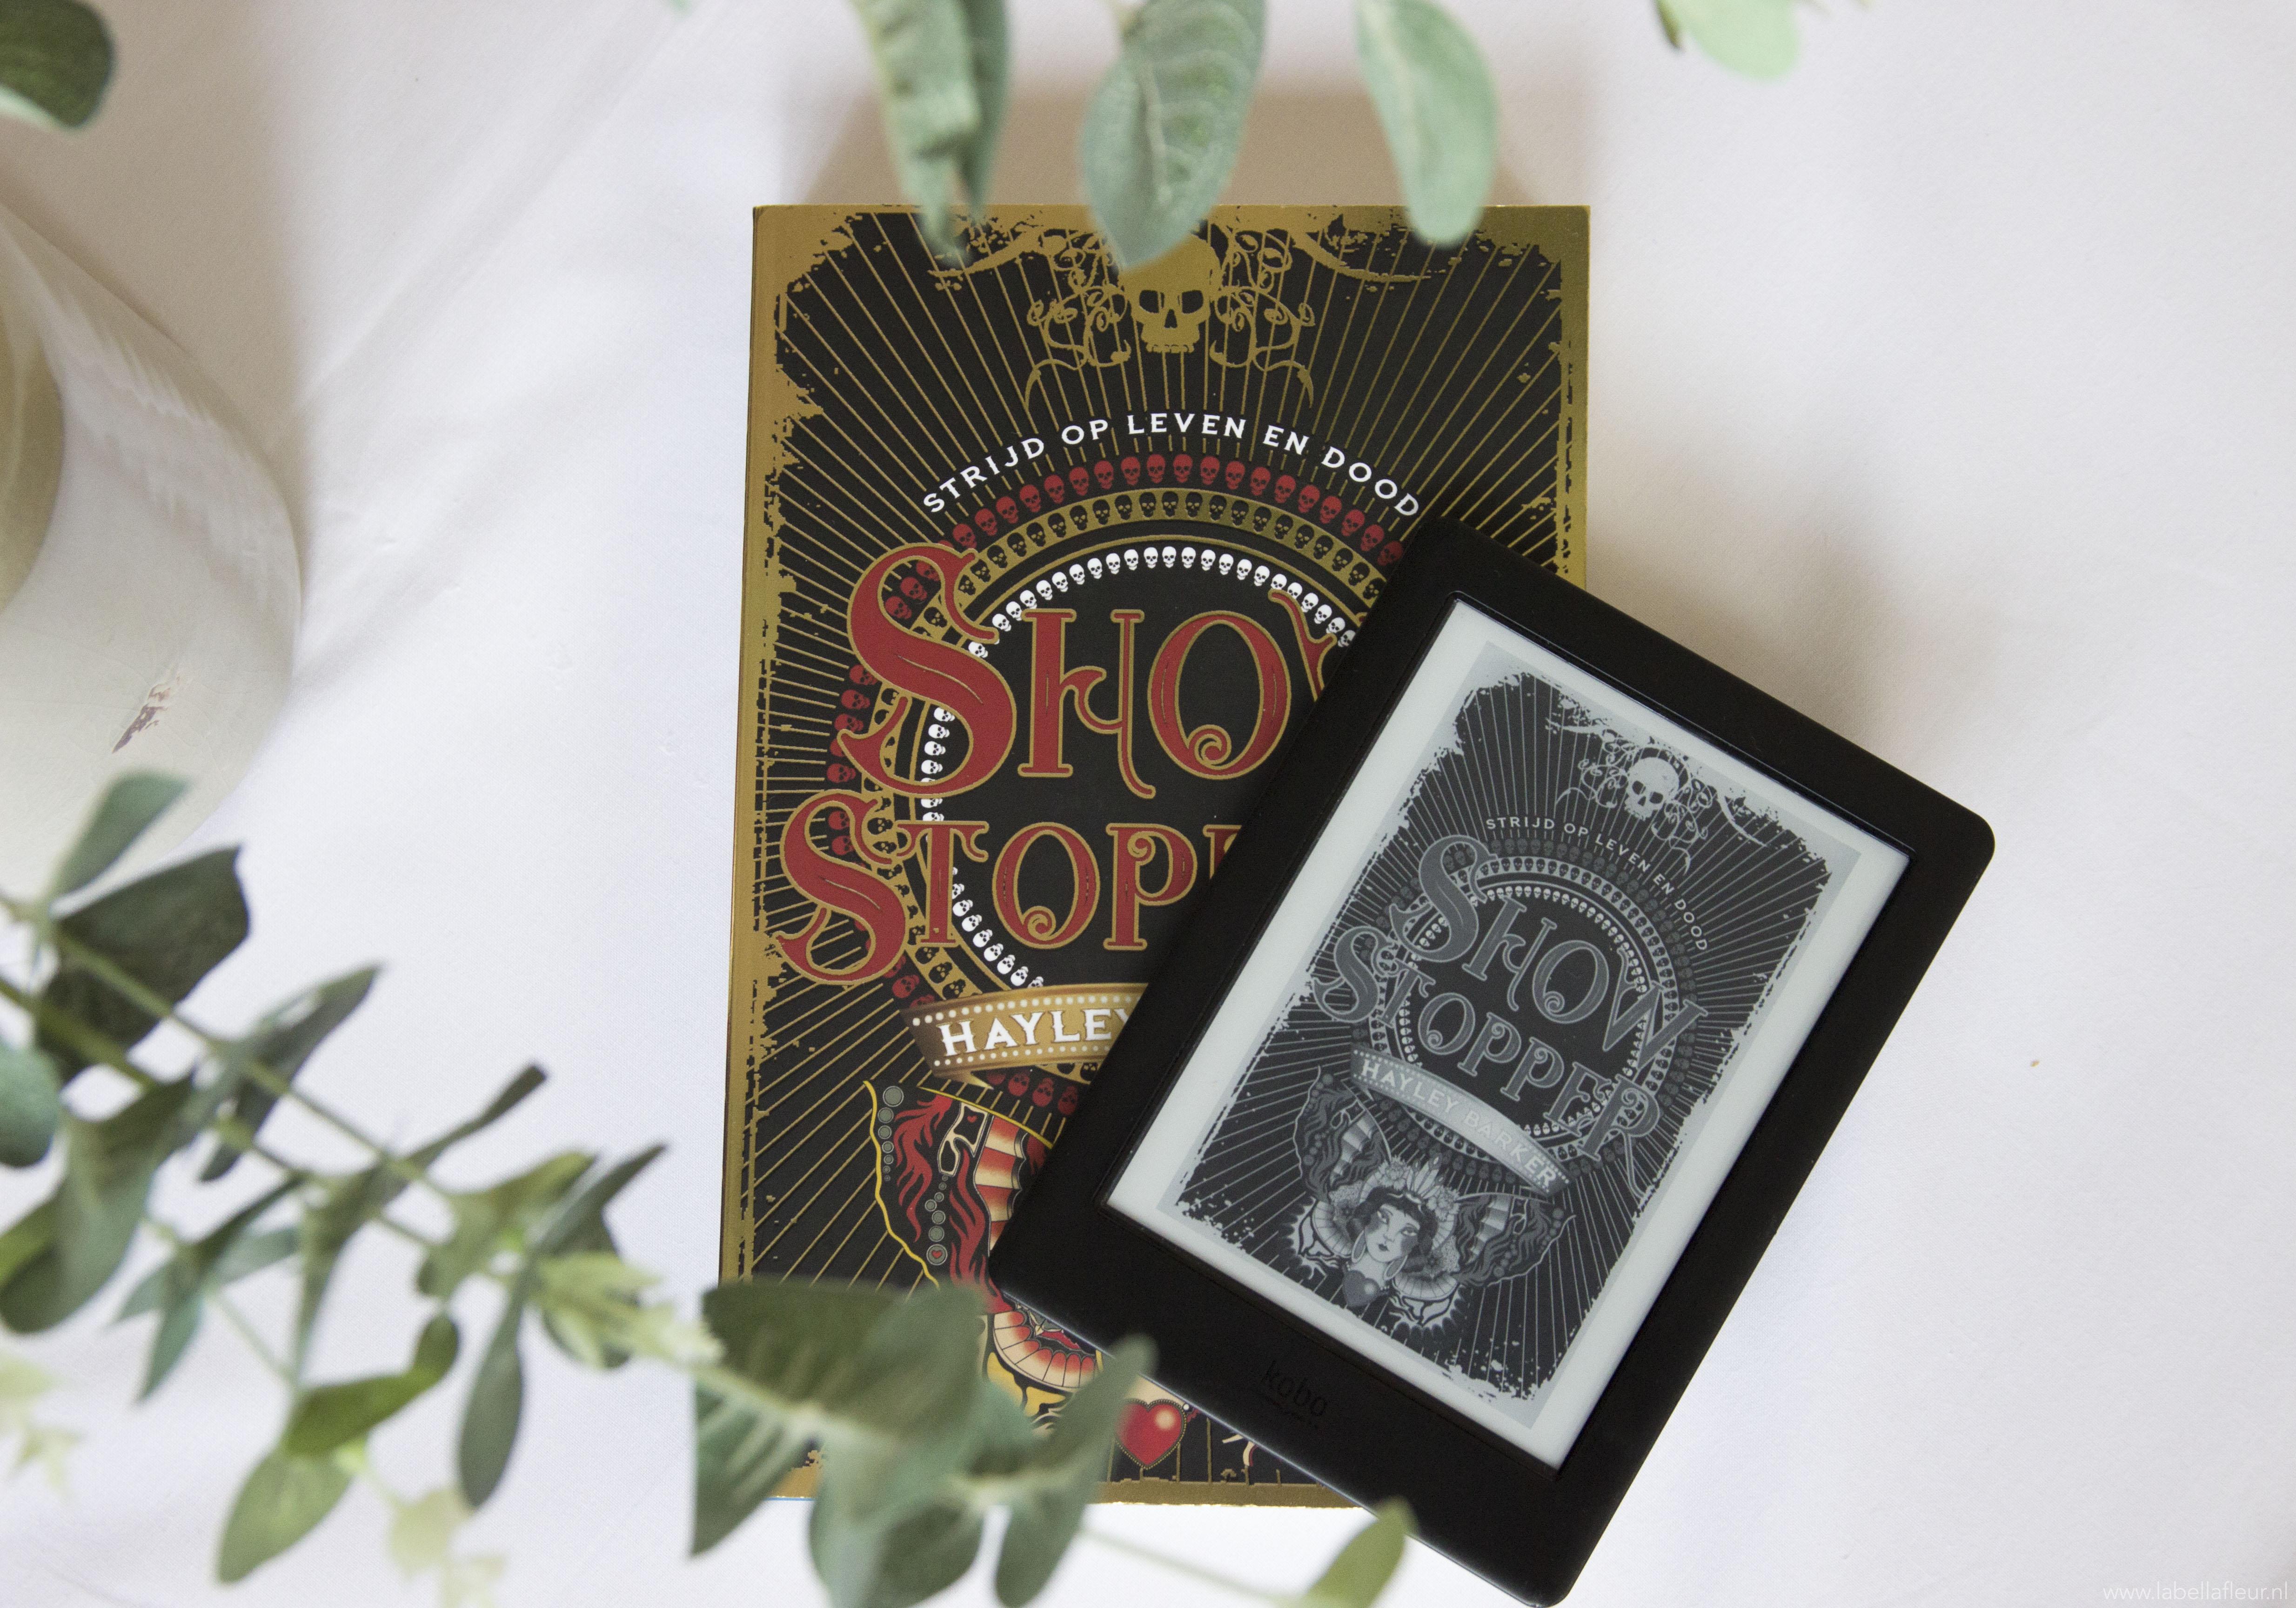 Boeken, gelezen, showstopper, recensie, Hayley Barker